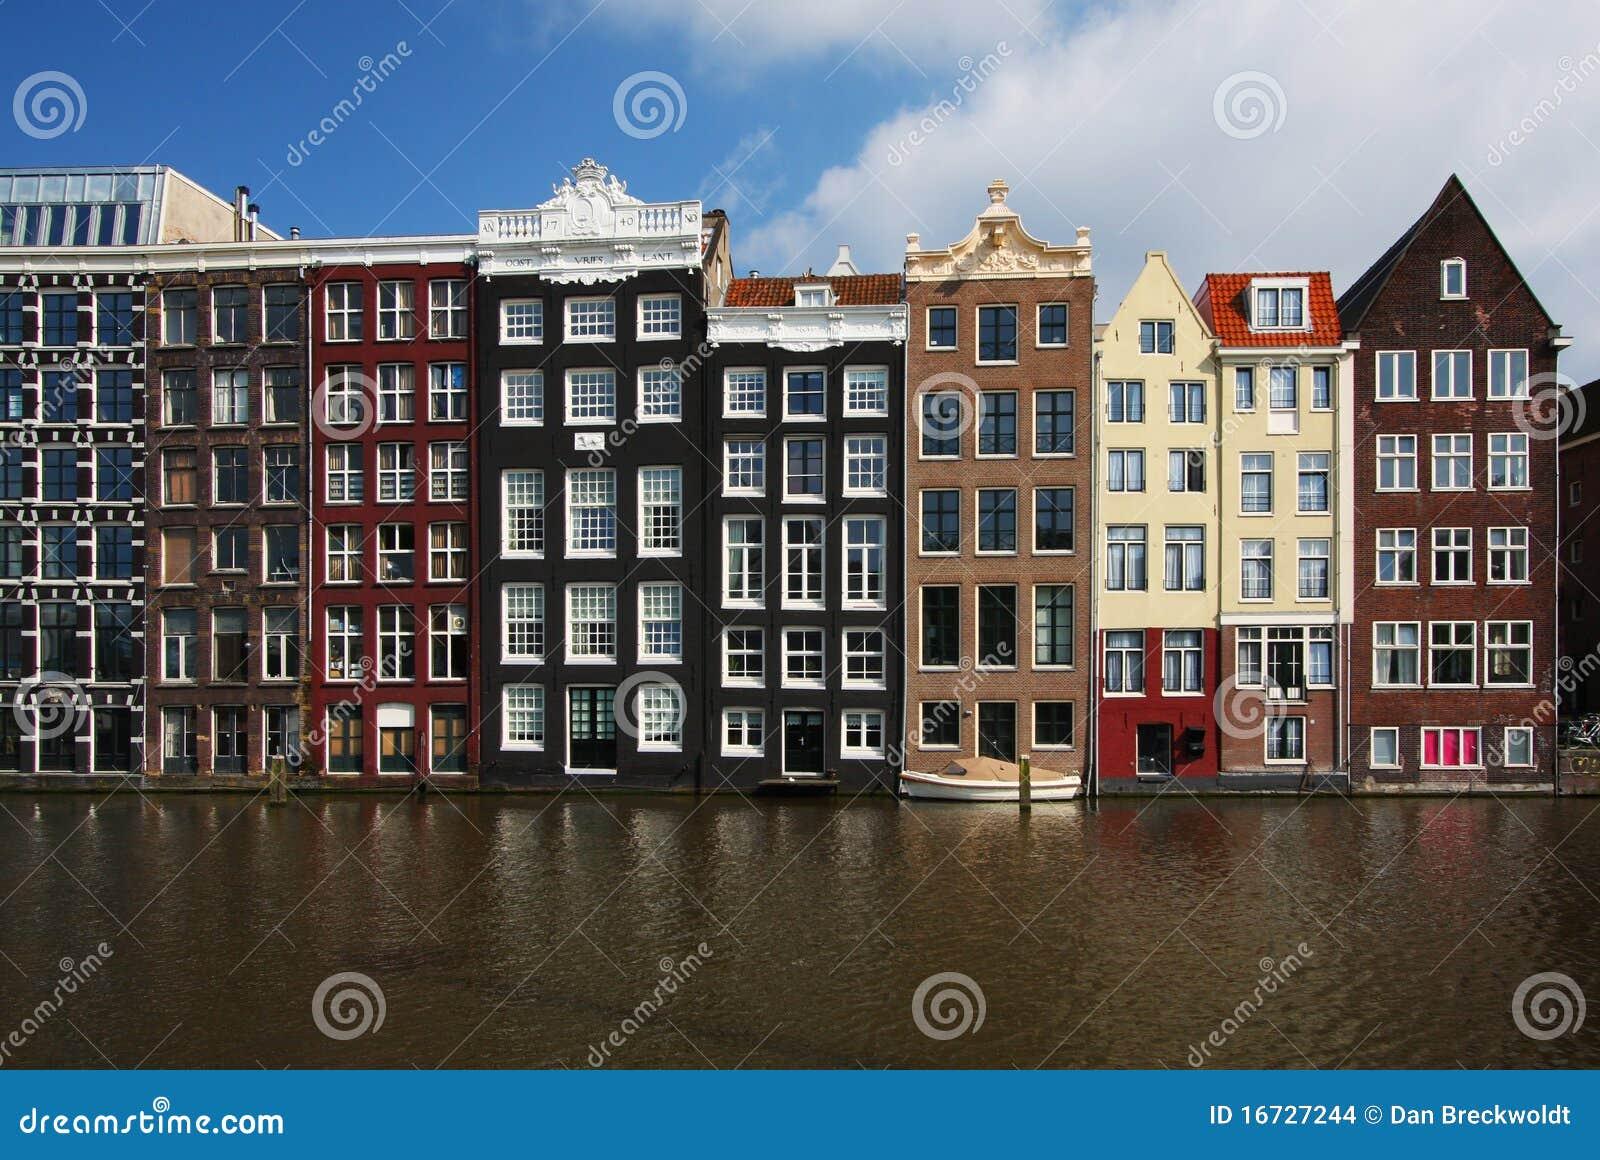 Häuser In Holland : typische amsterdam h user in holland stockfoto bild von haus stadt 16727244 ~ Watch28wear.com Haus und Dekorationen